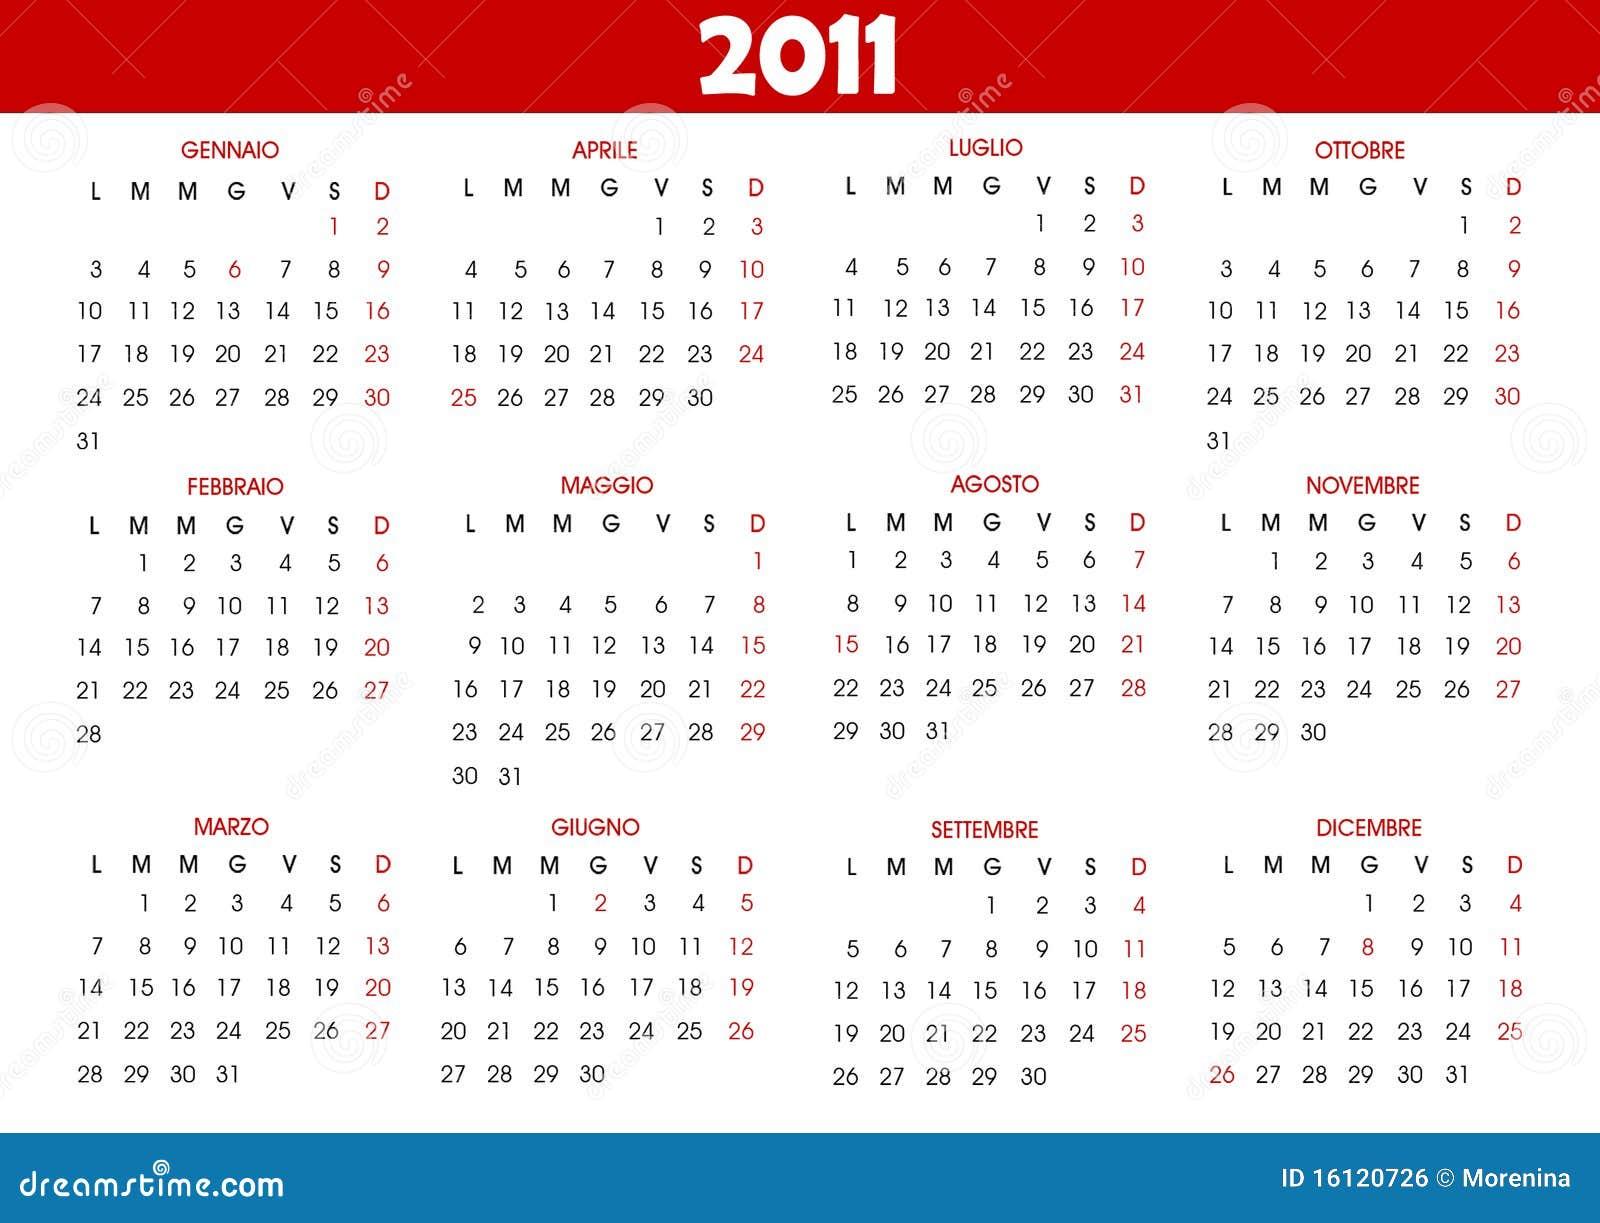 2011 Calendario.Calendar 2011 Stock Vector Illustration Of October